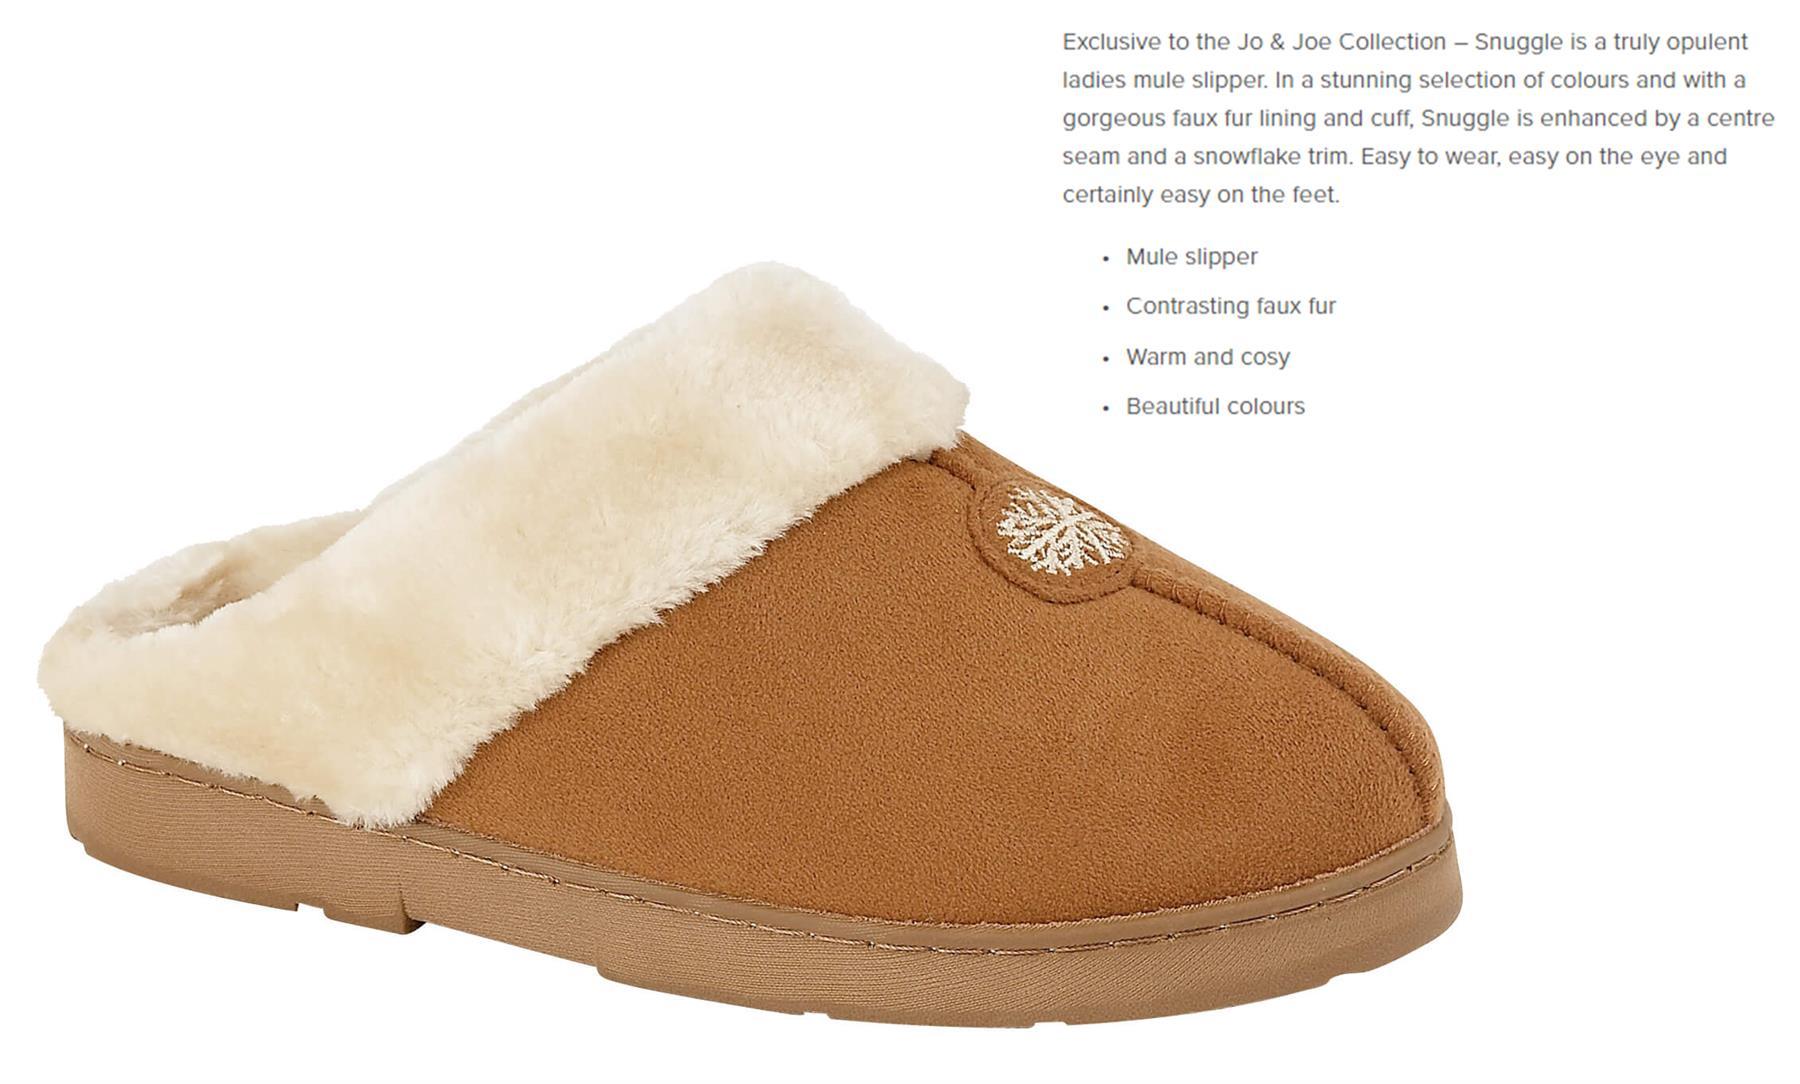 miniatuur 21 - Jo & Joe Womens Luxury Slippers Winter Warm Fur Slip On Flat Mule Bootie Girls